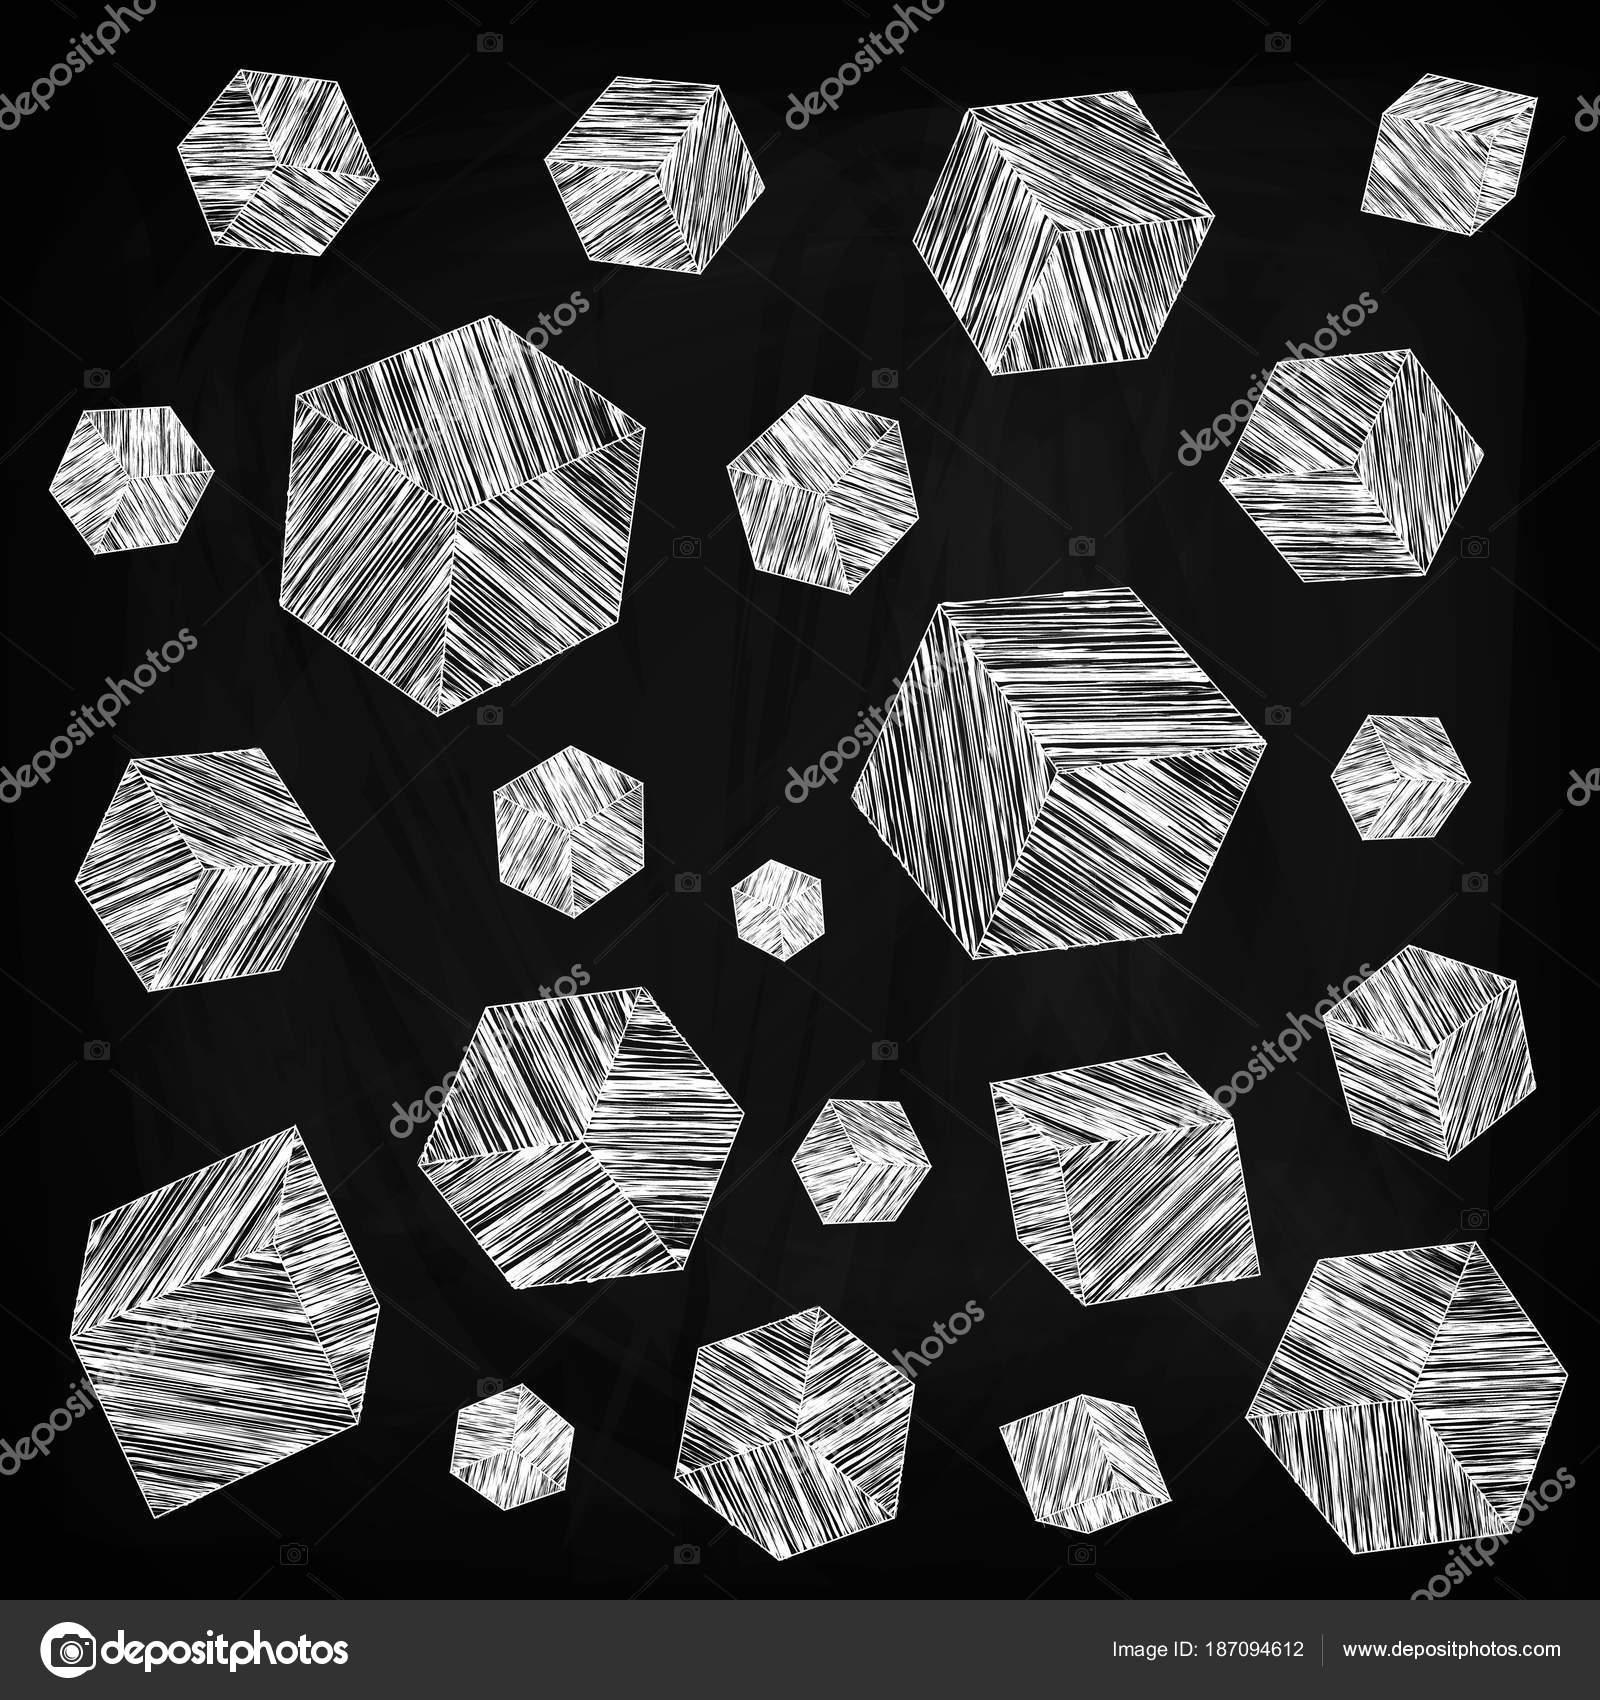 Mnoziny Malovanych Kostek Ruznych Velikosti Kresleni Kridou Tabuli